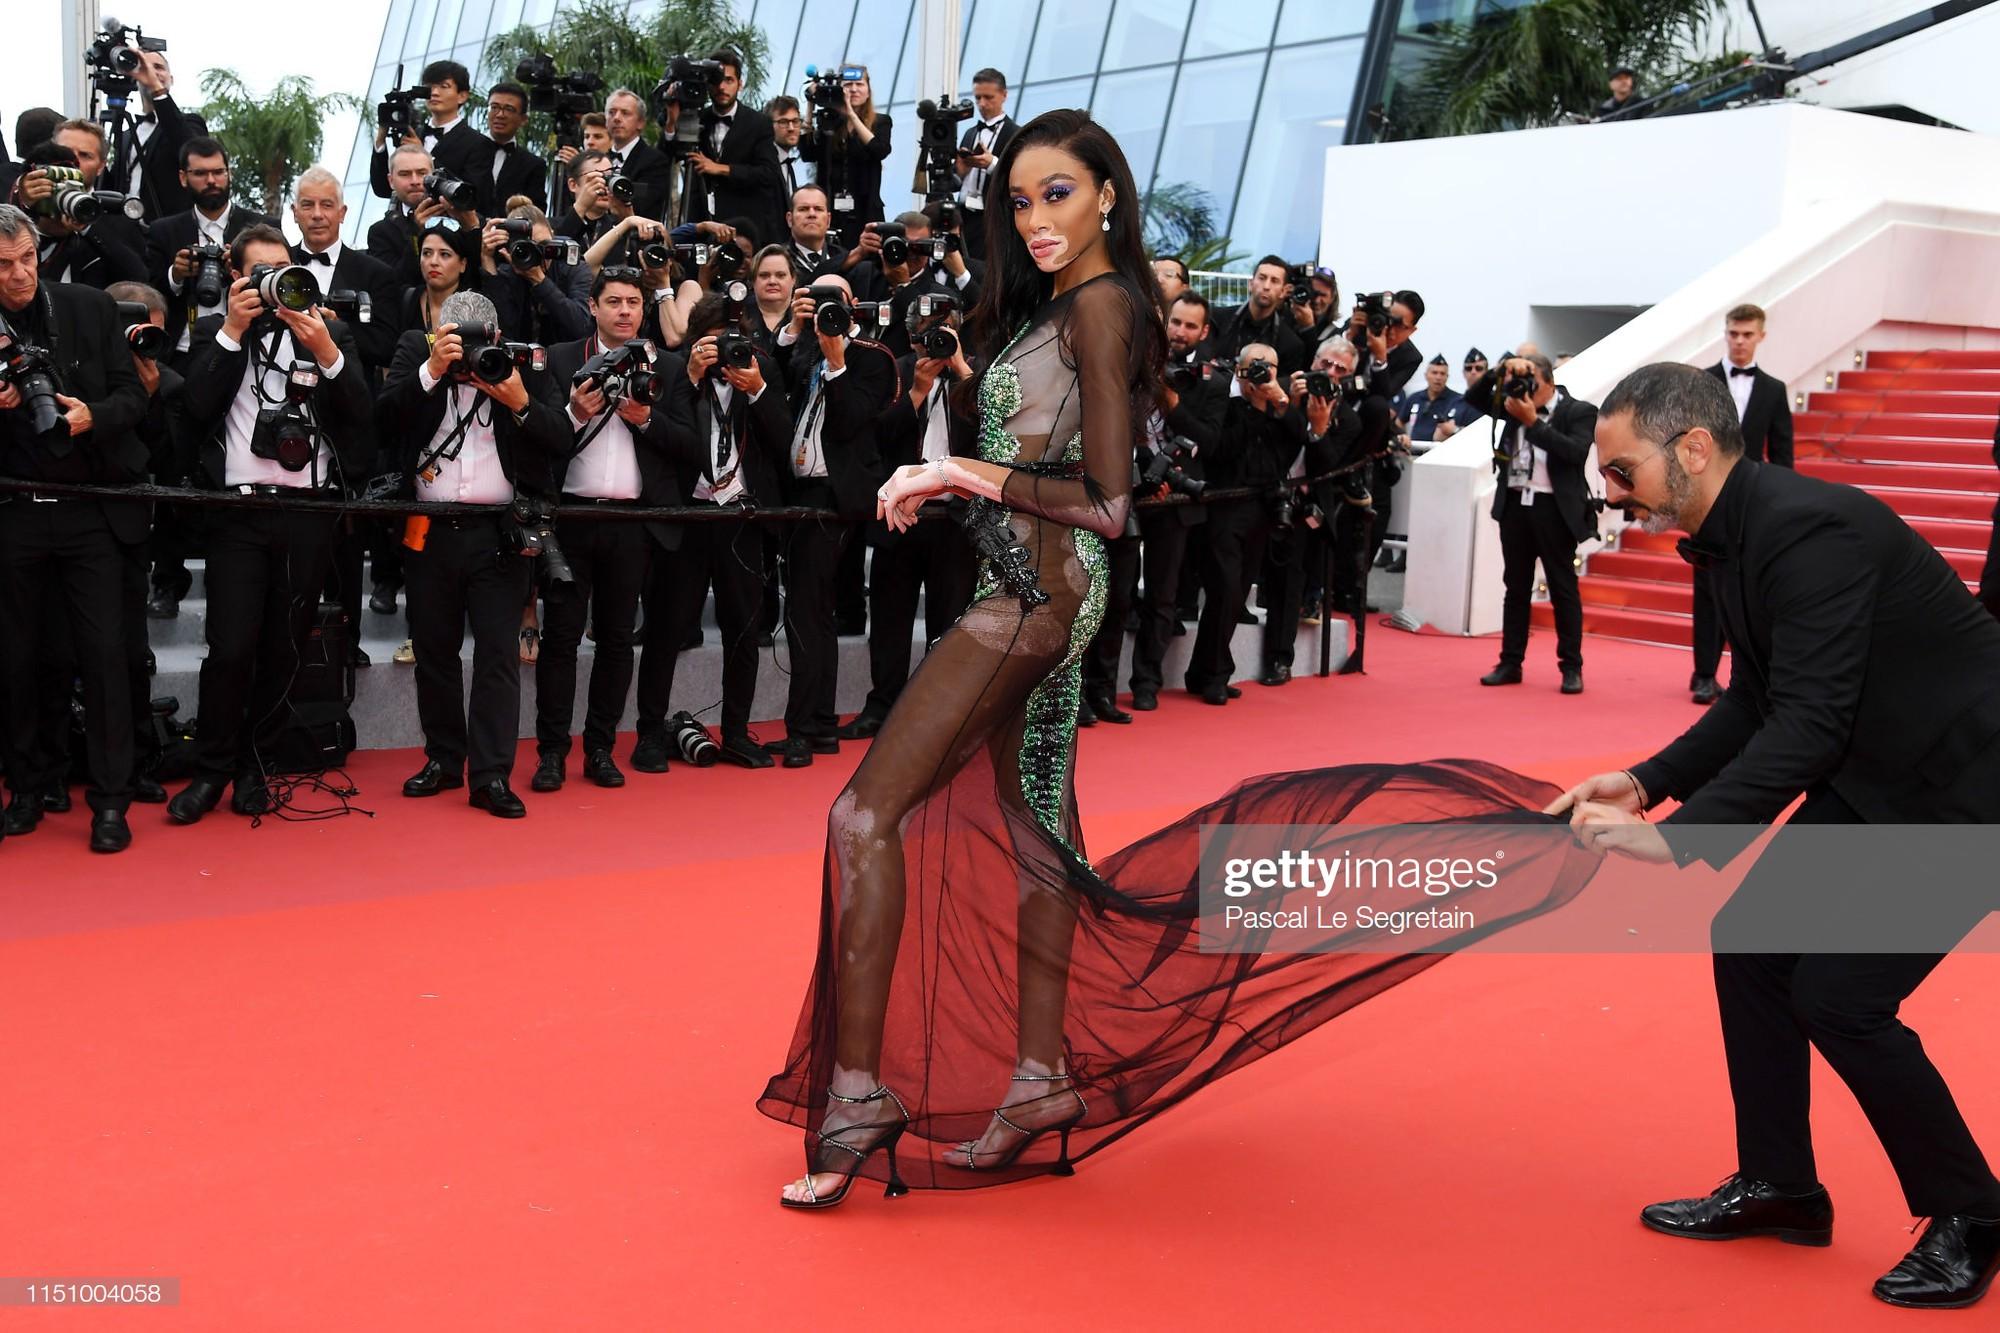 Cannes ngày 8: Mỹ nhân Ý khoe vòng 1 nhức mắt, dàn người mẫu Hollywood tung chiêu hết cỡ tại thảm đỏ - Ảnh 8.